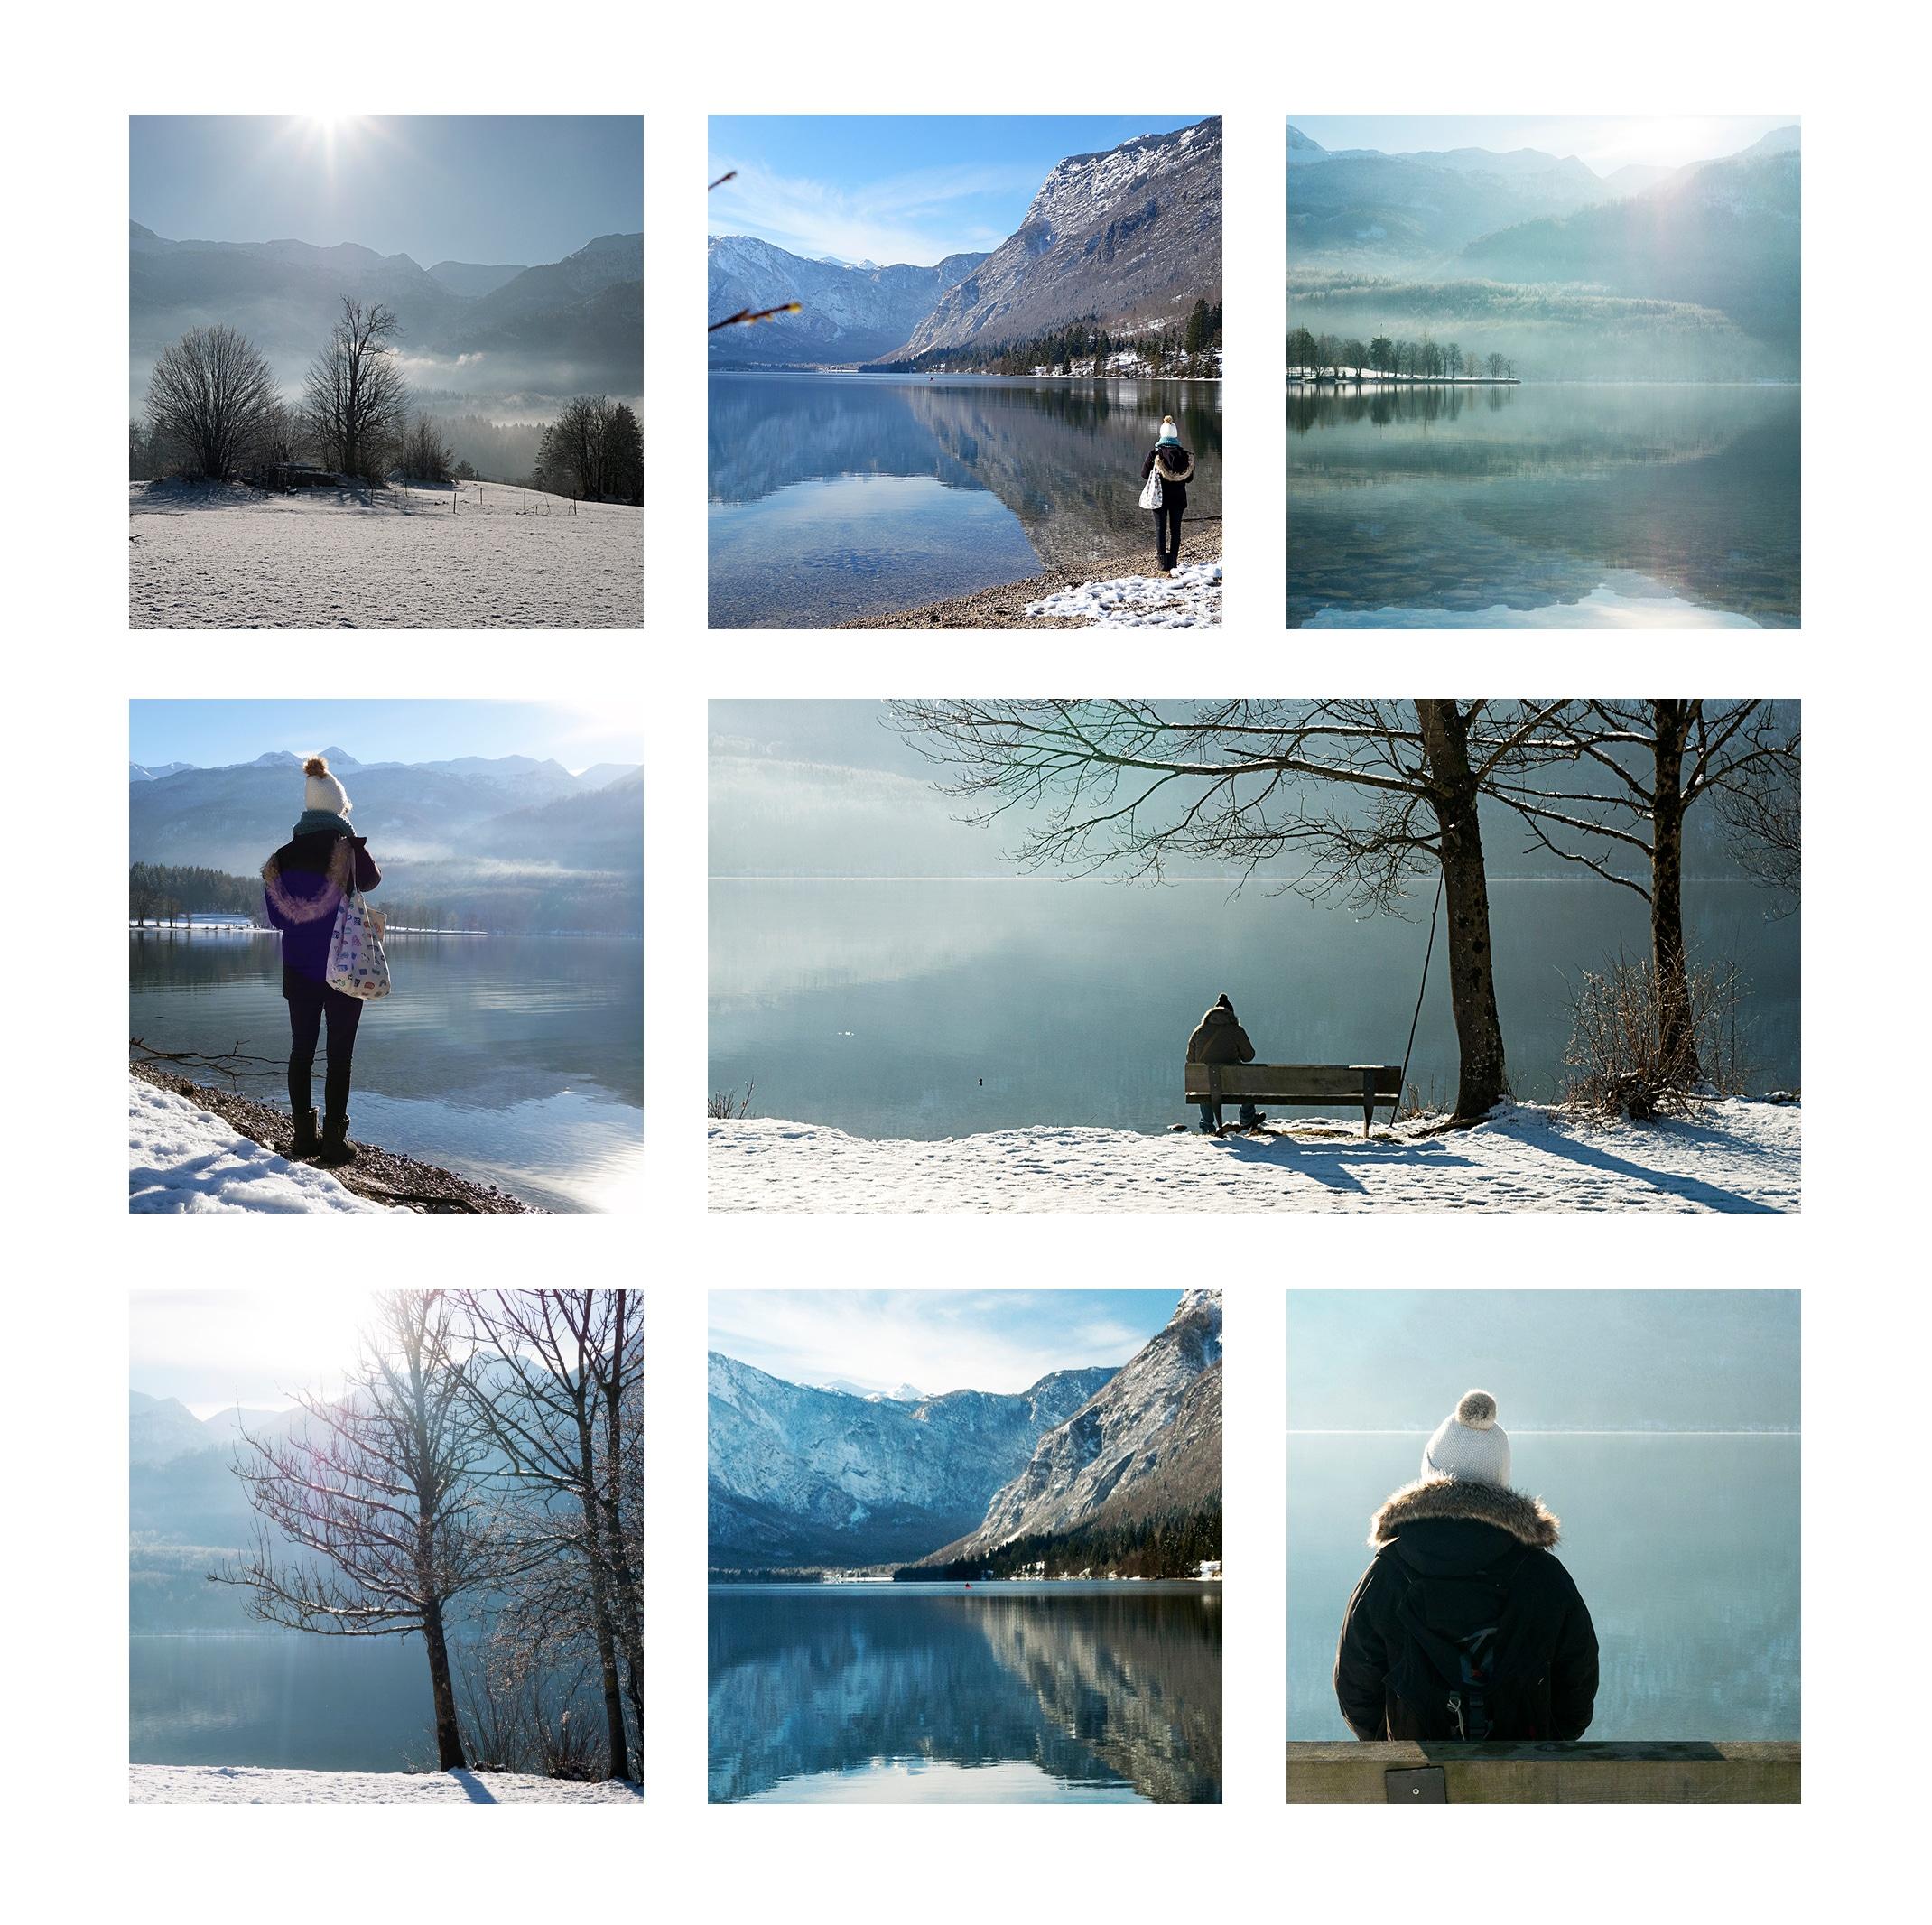 Slovénie en hiver neige lac de Bohinj